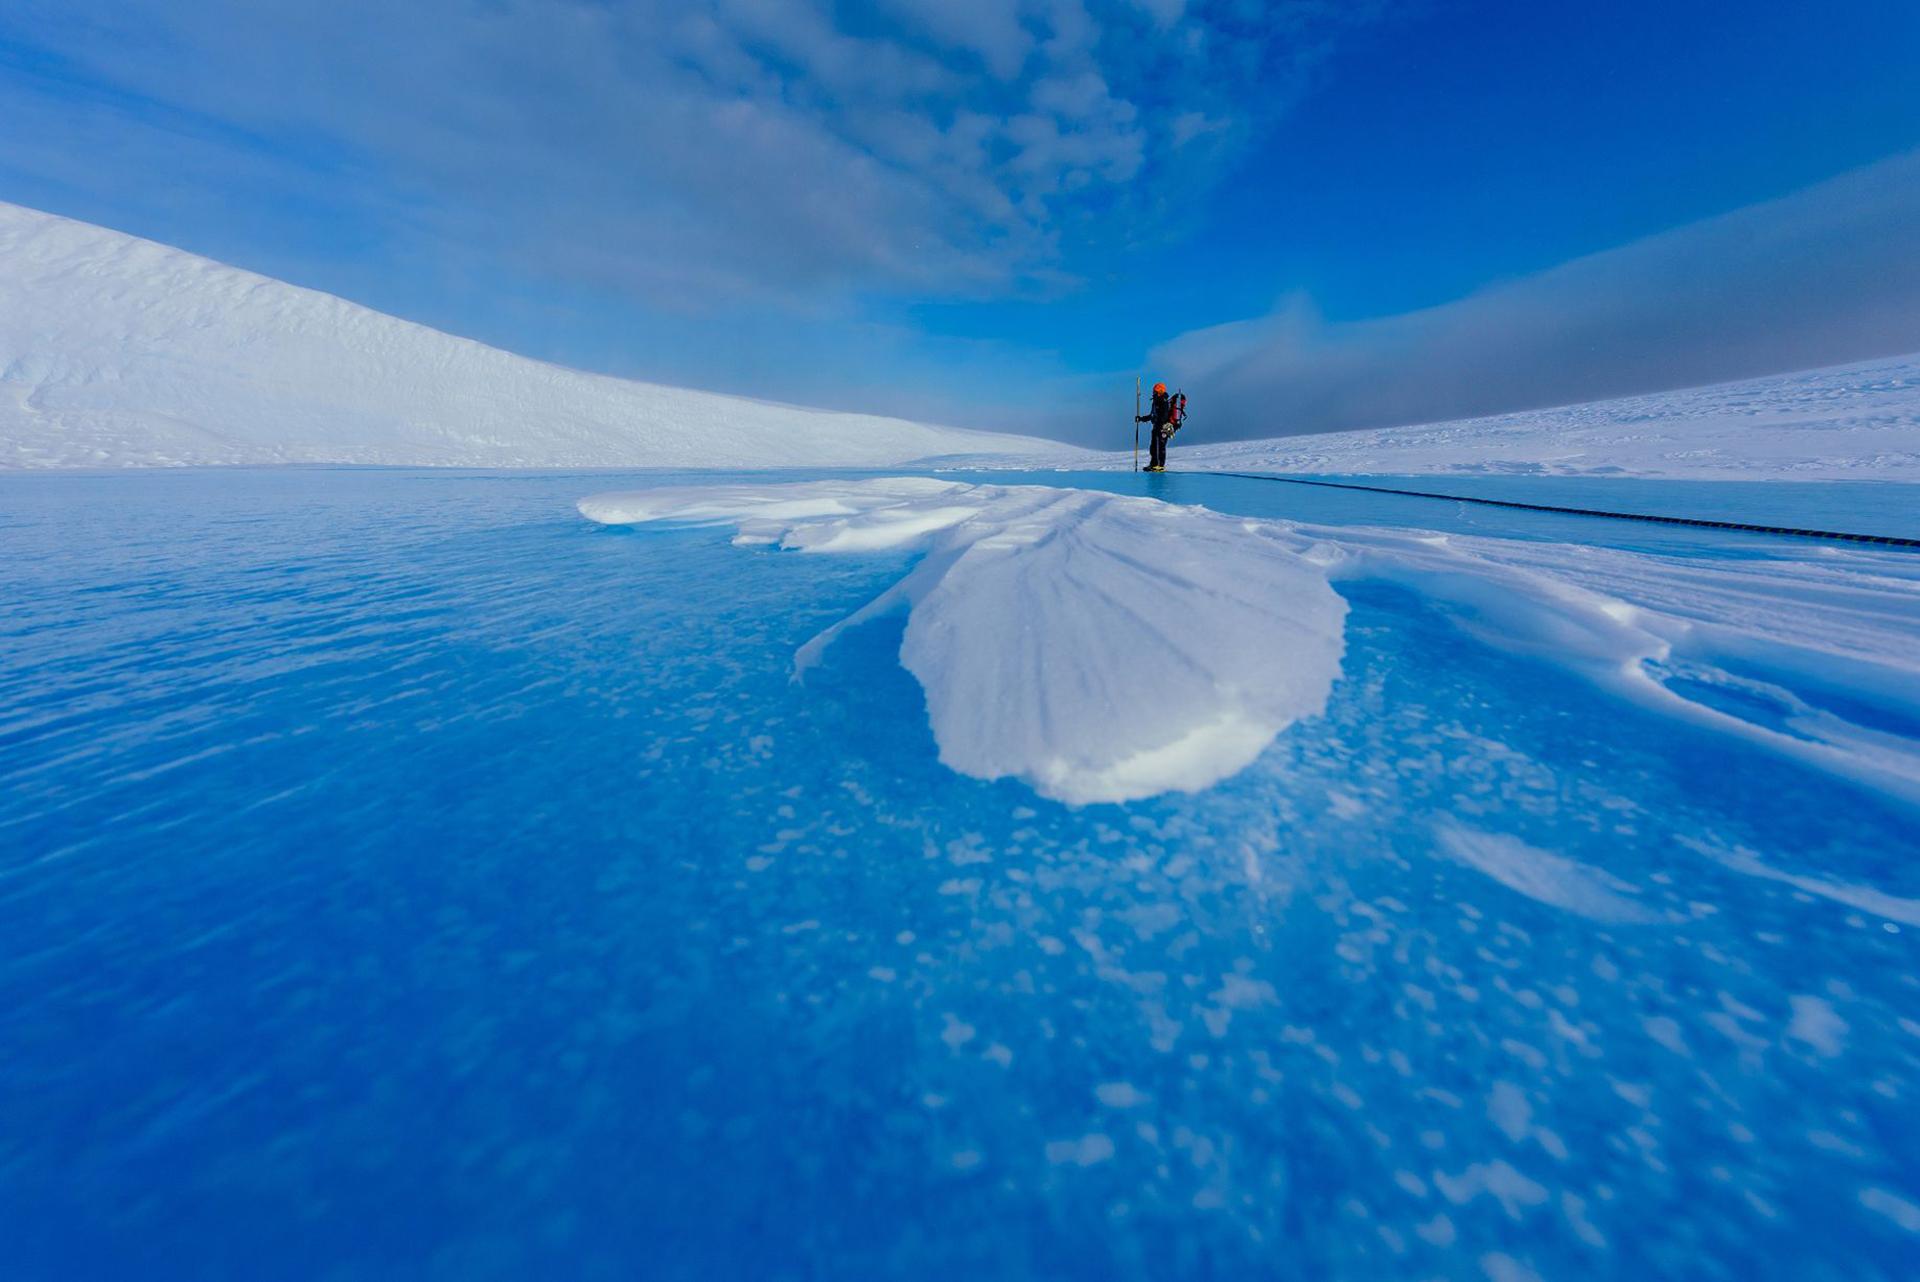 Hielo y frío, la constante en la naturaleza que le ofrecía la Antártida a Krzysztofowicz